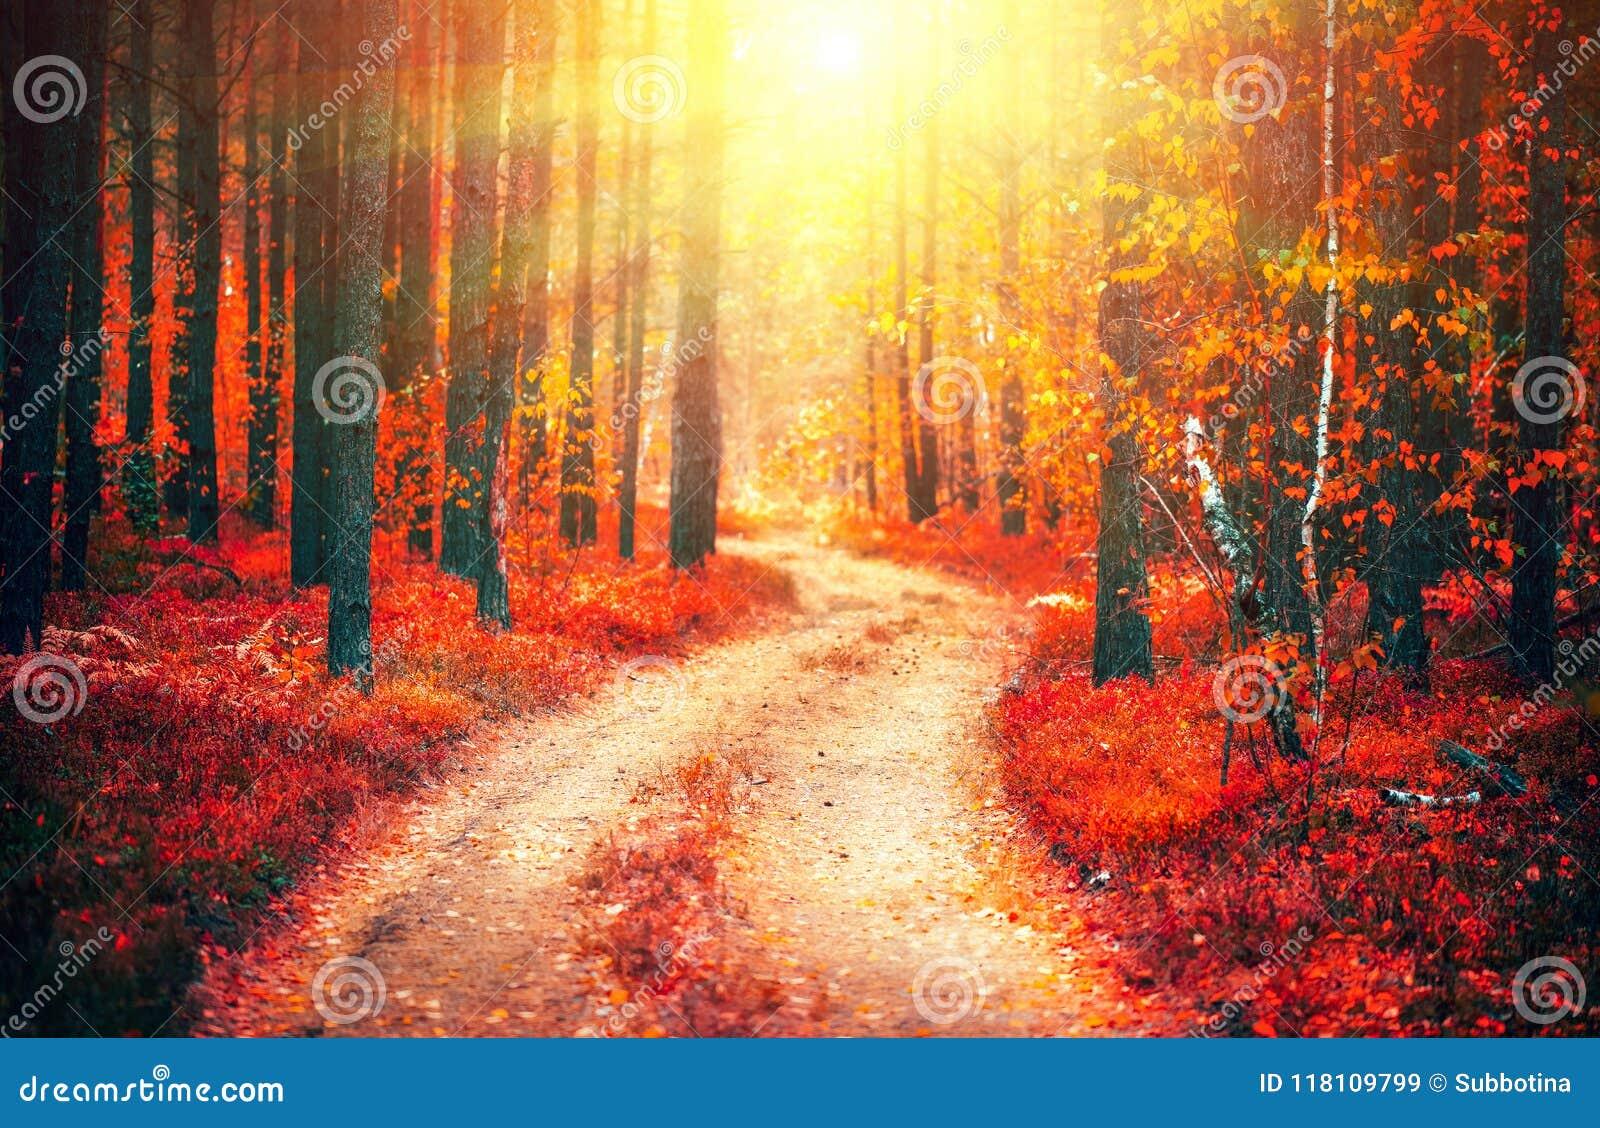 Escena de la naturaleza del otoño Paisaje de la caída de la fantasía Parque otoñal hermoso con camino